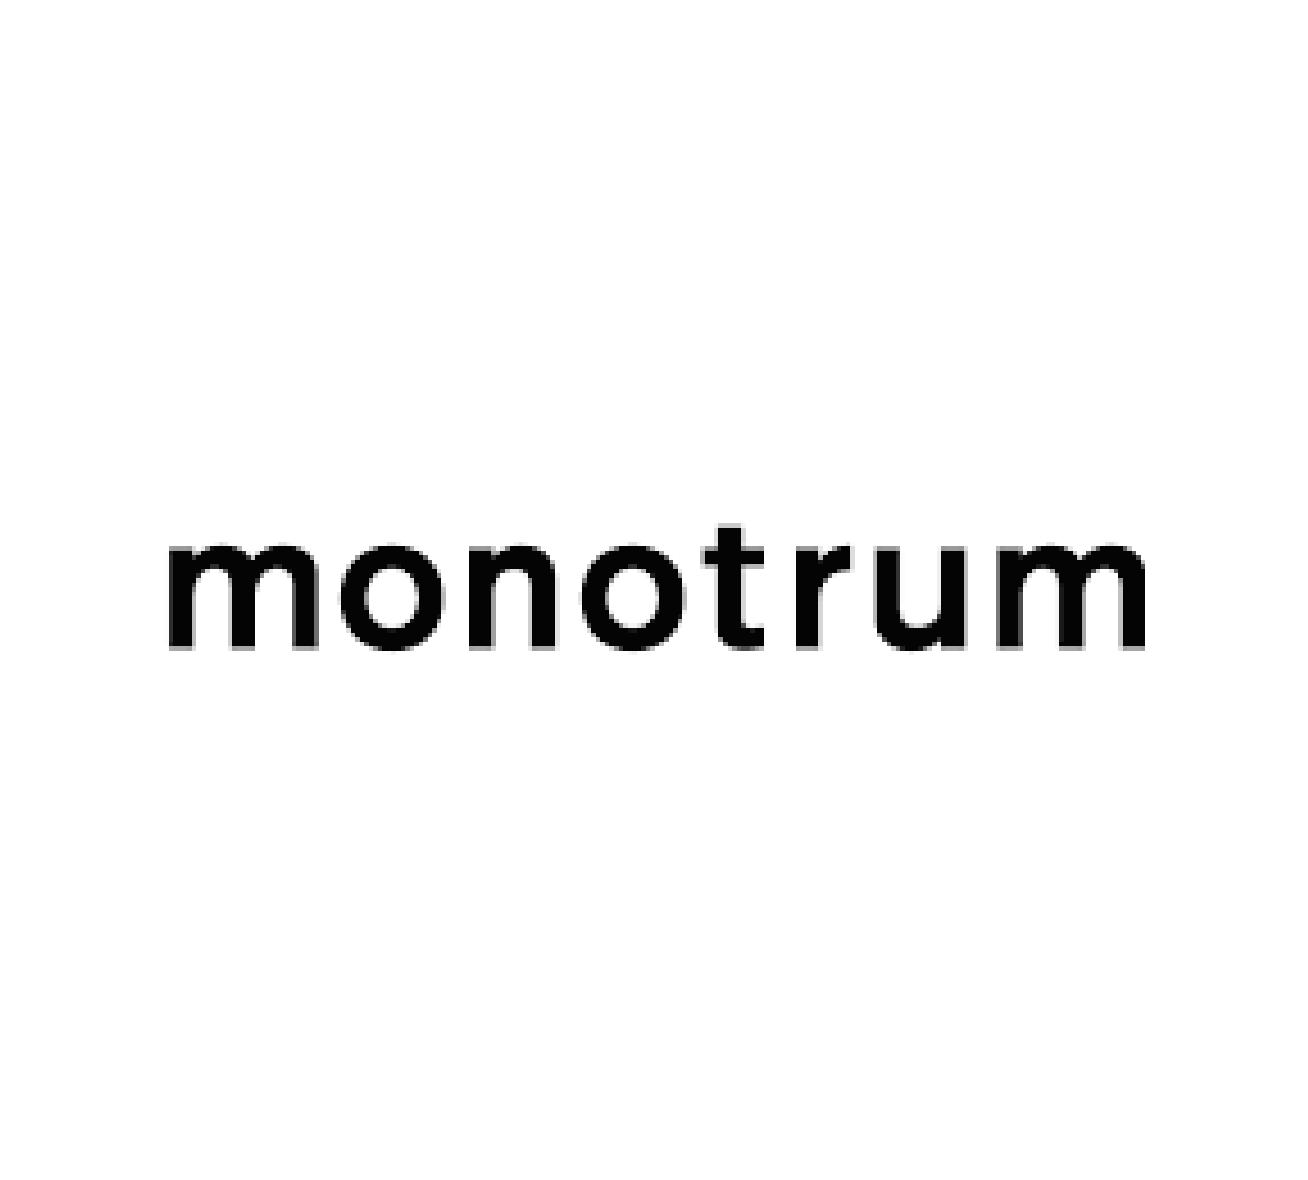 monotrum